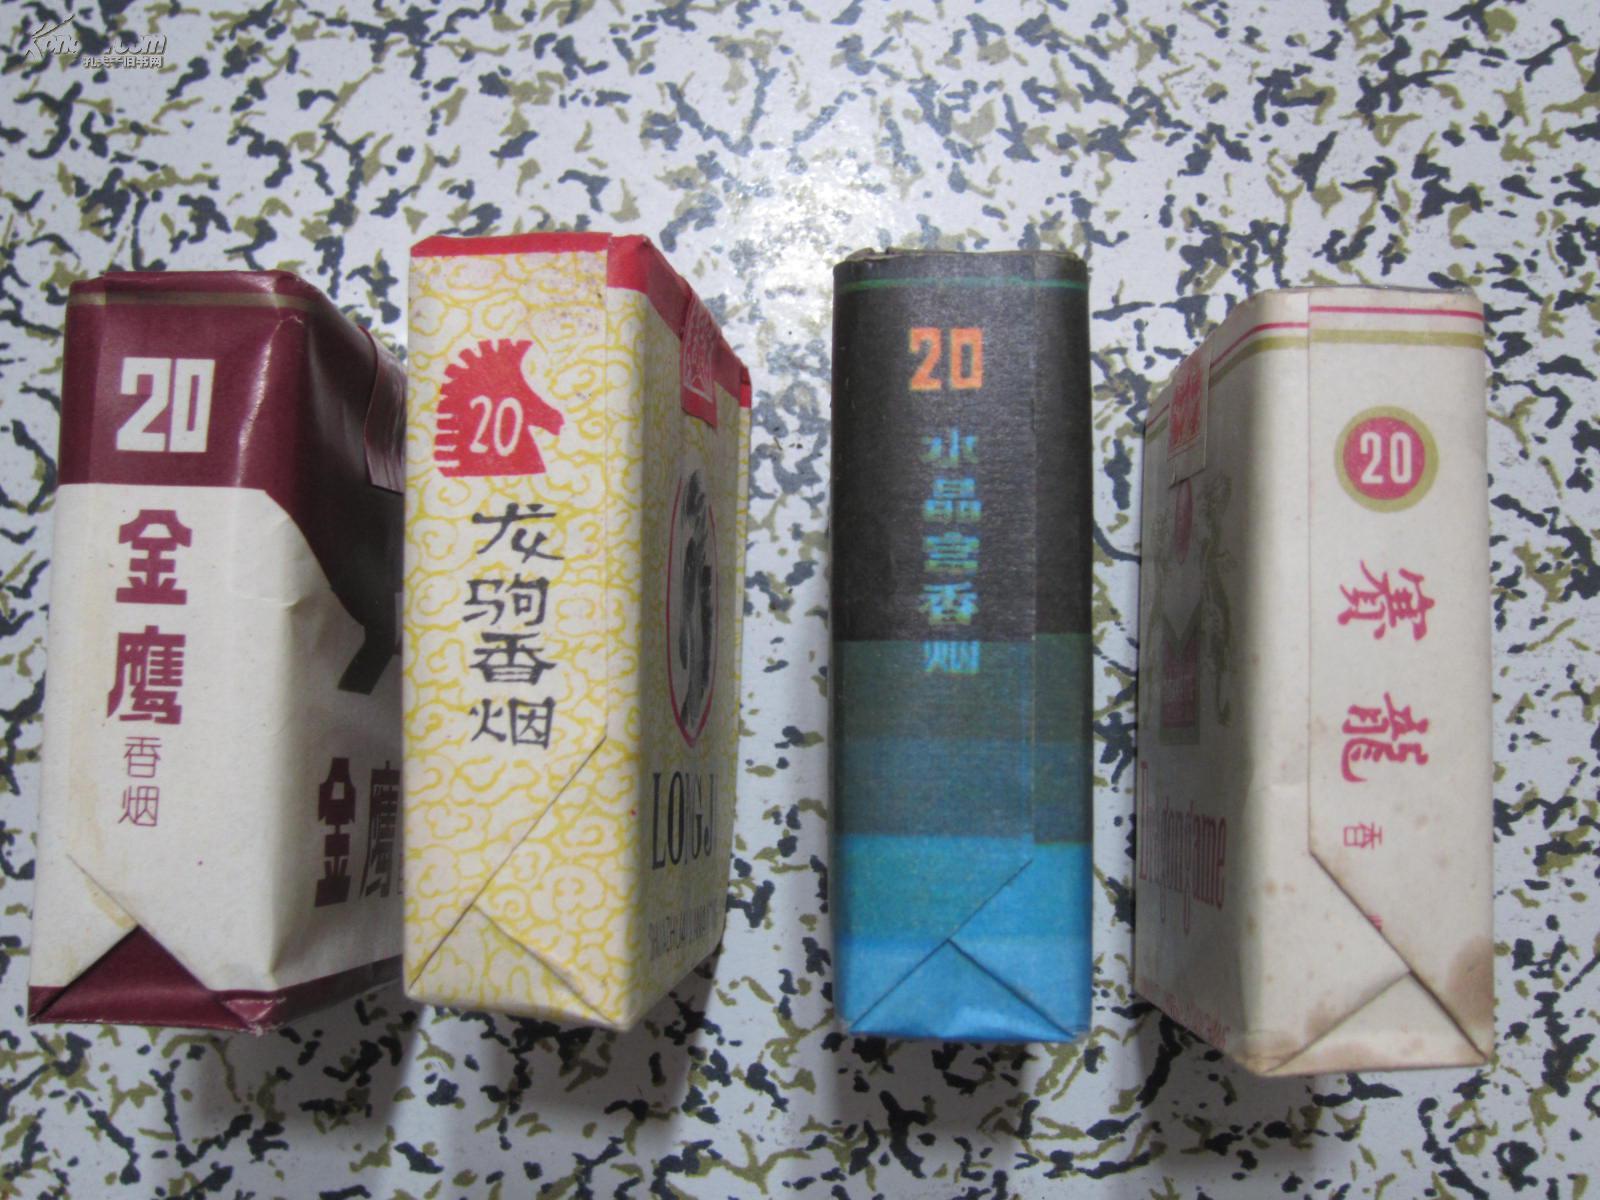 老香烟 实物 四盒 龙驹香烟 水晶宫香烟 金鹰香烟 赛龙香烟 七八十年代山西石家庄云南卷烟厂 只可收藏怀旧把玩当道具